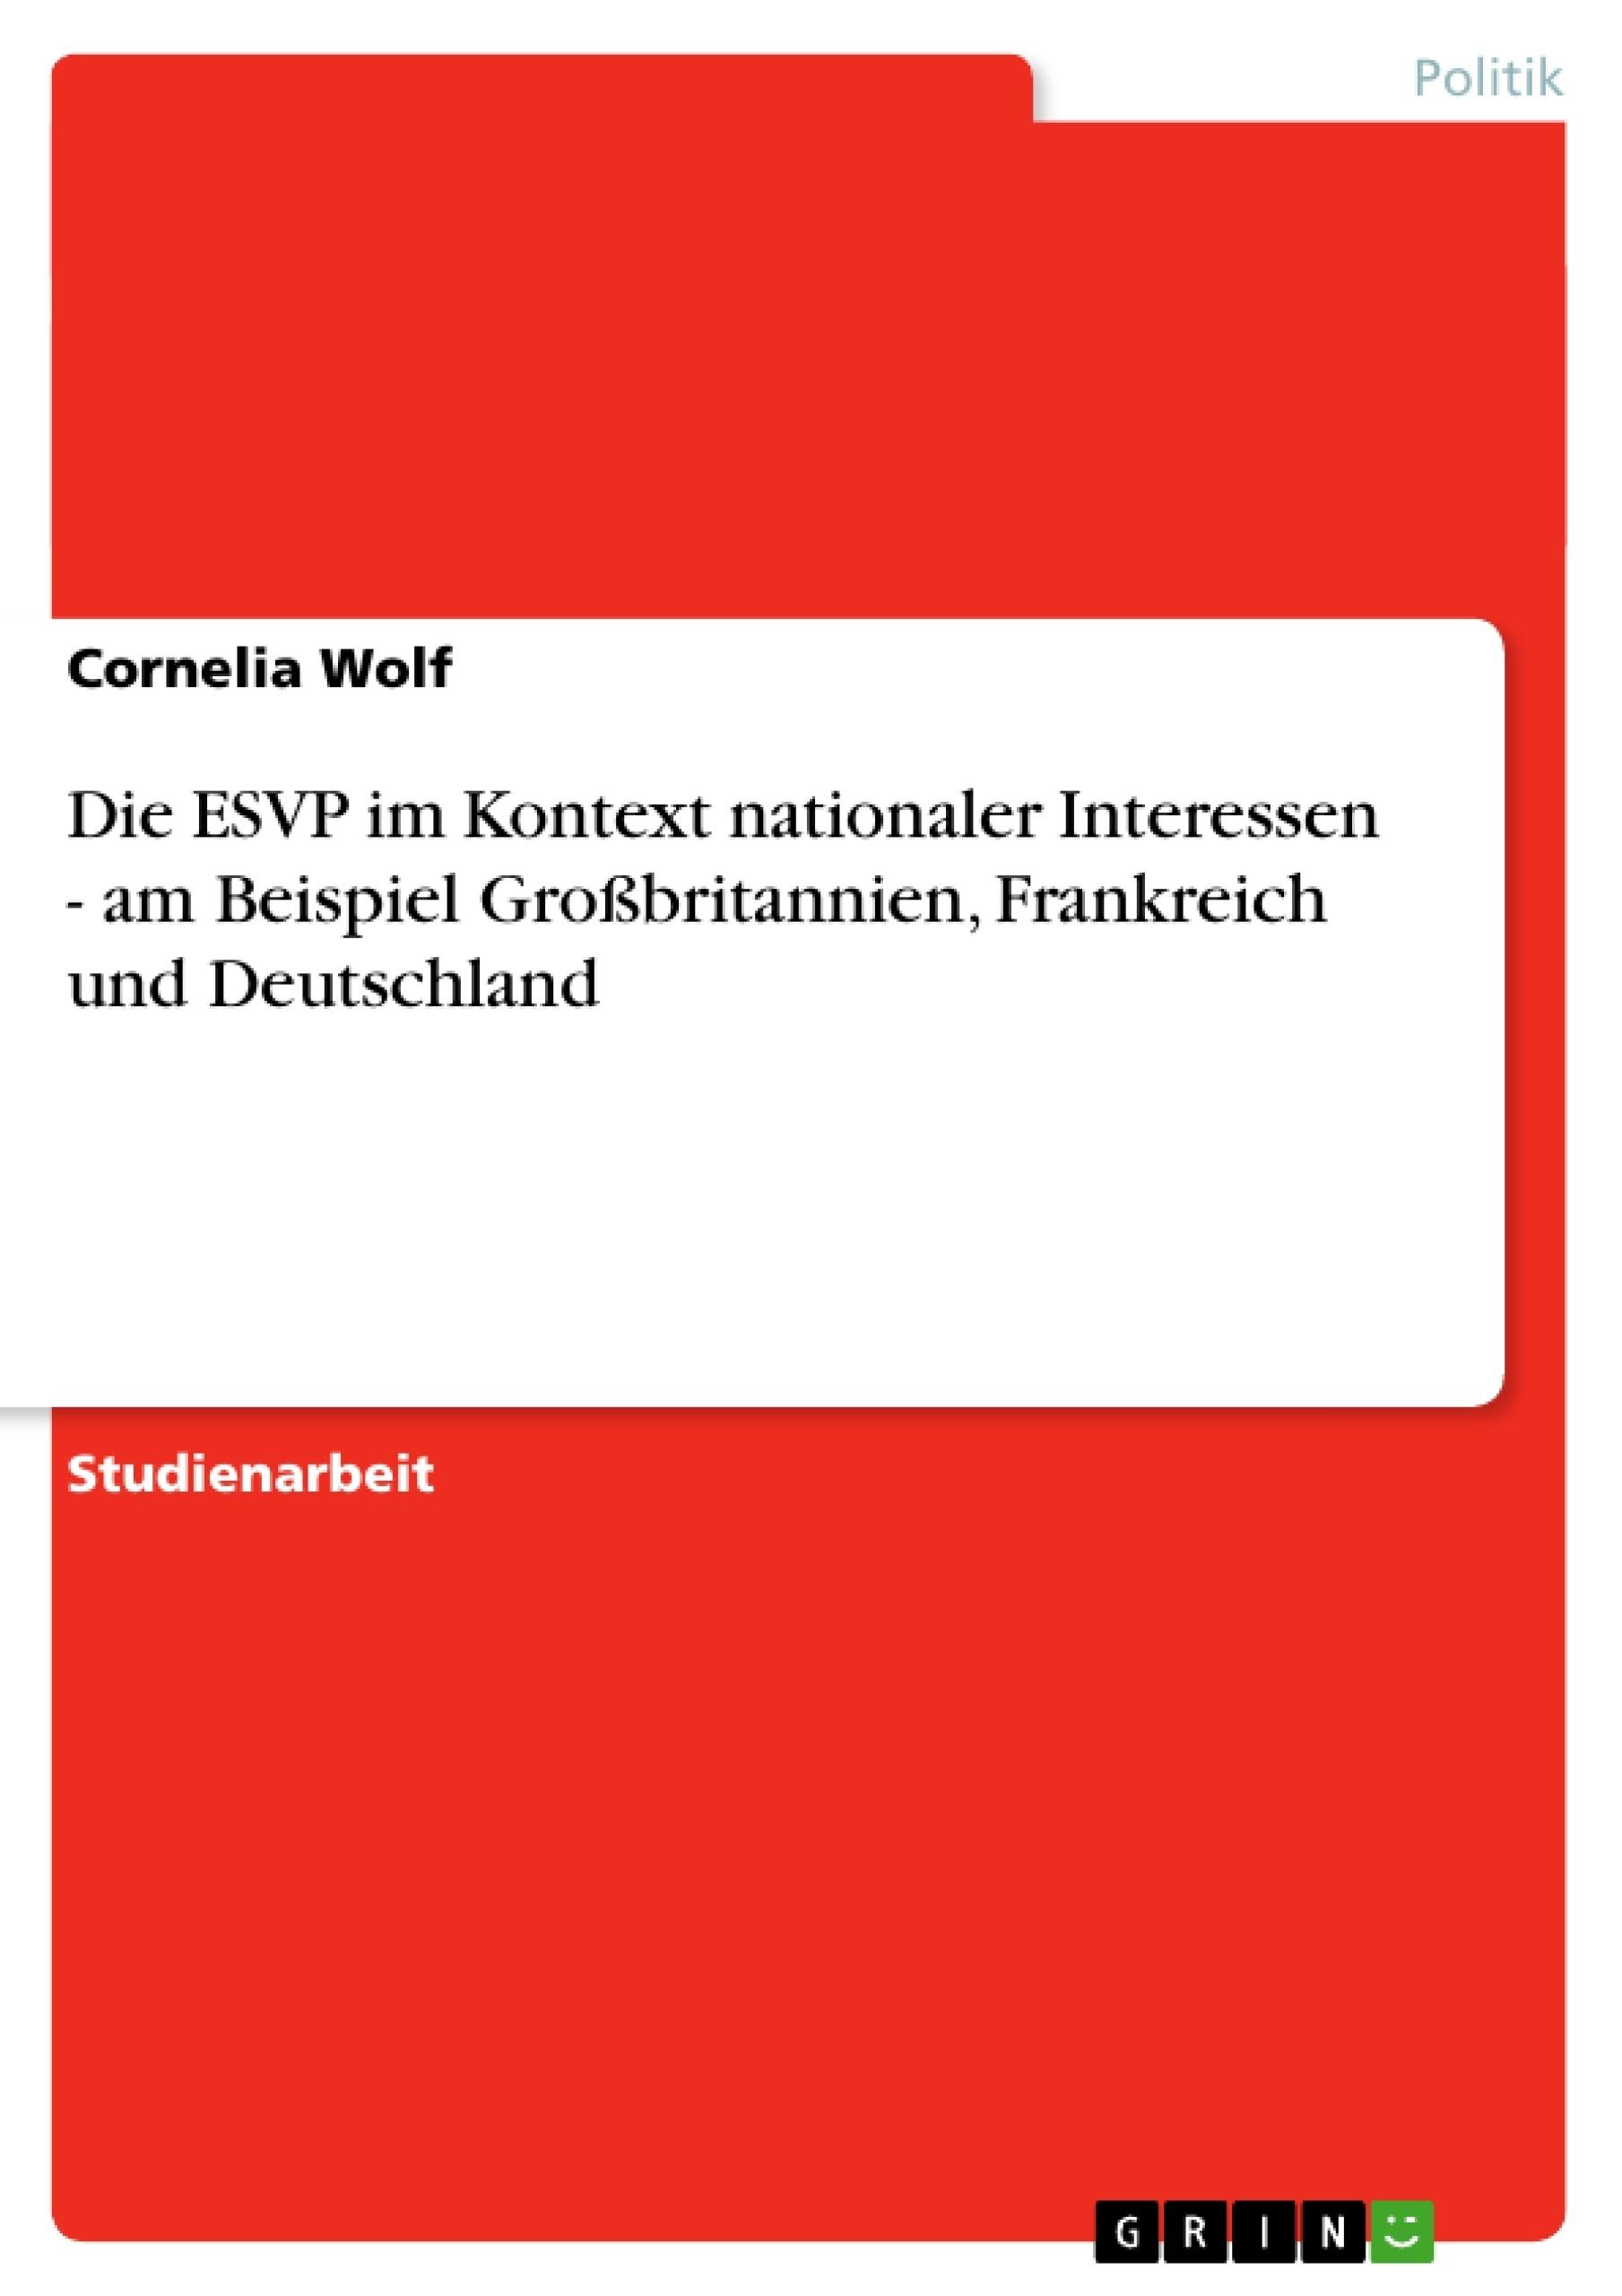 Titel: Die ESVP im Kontext nationaler Interessen - am Beispiel Großbritannien, Frankreich und Deutschland